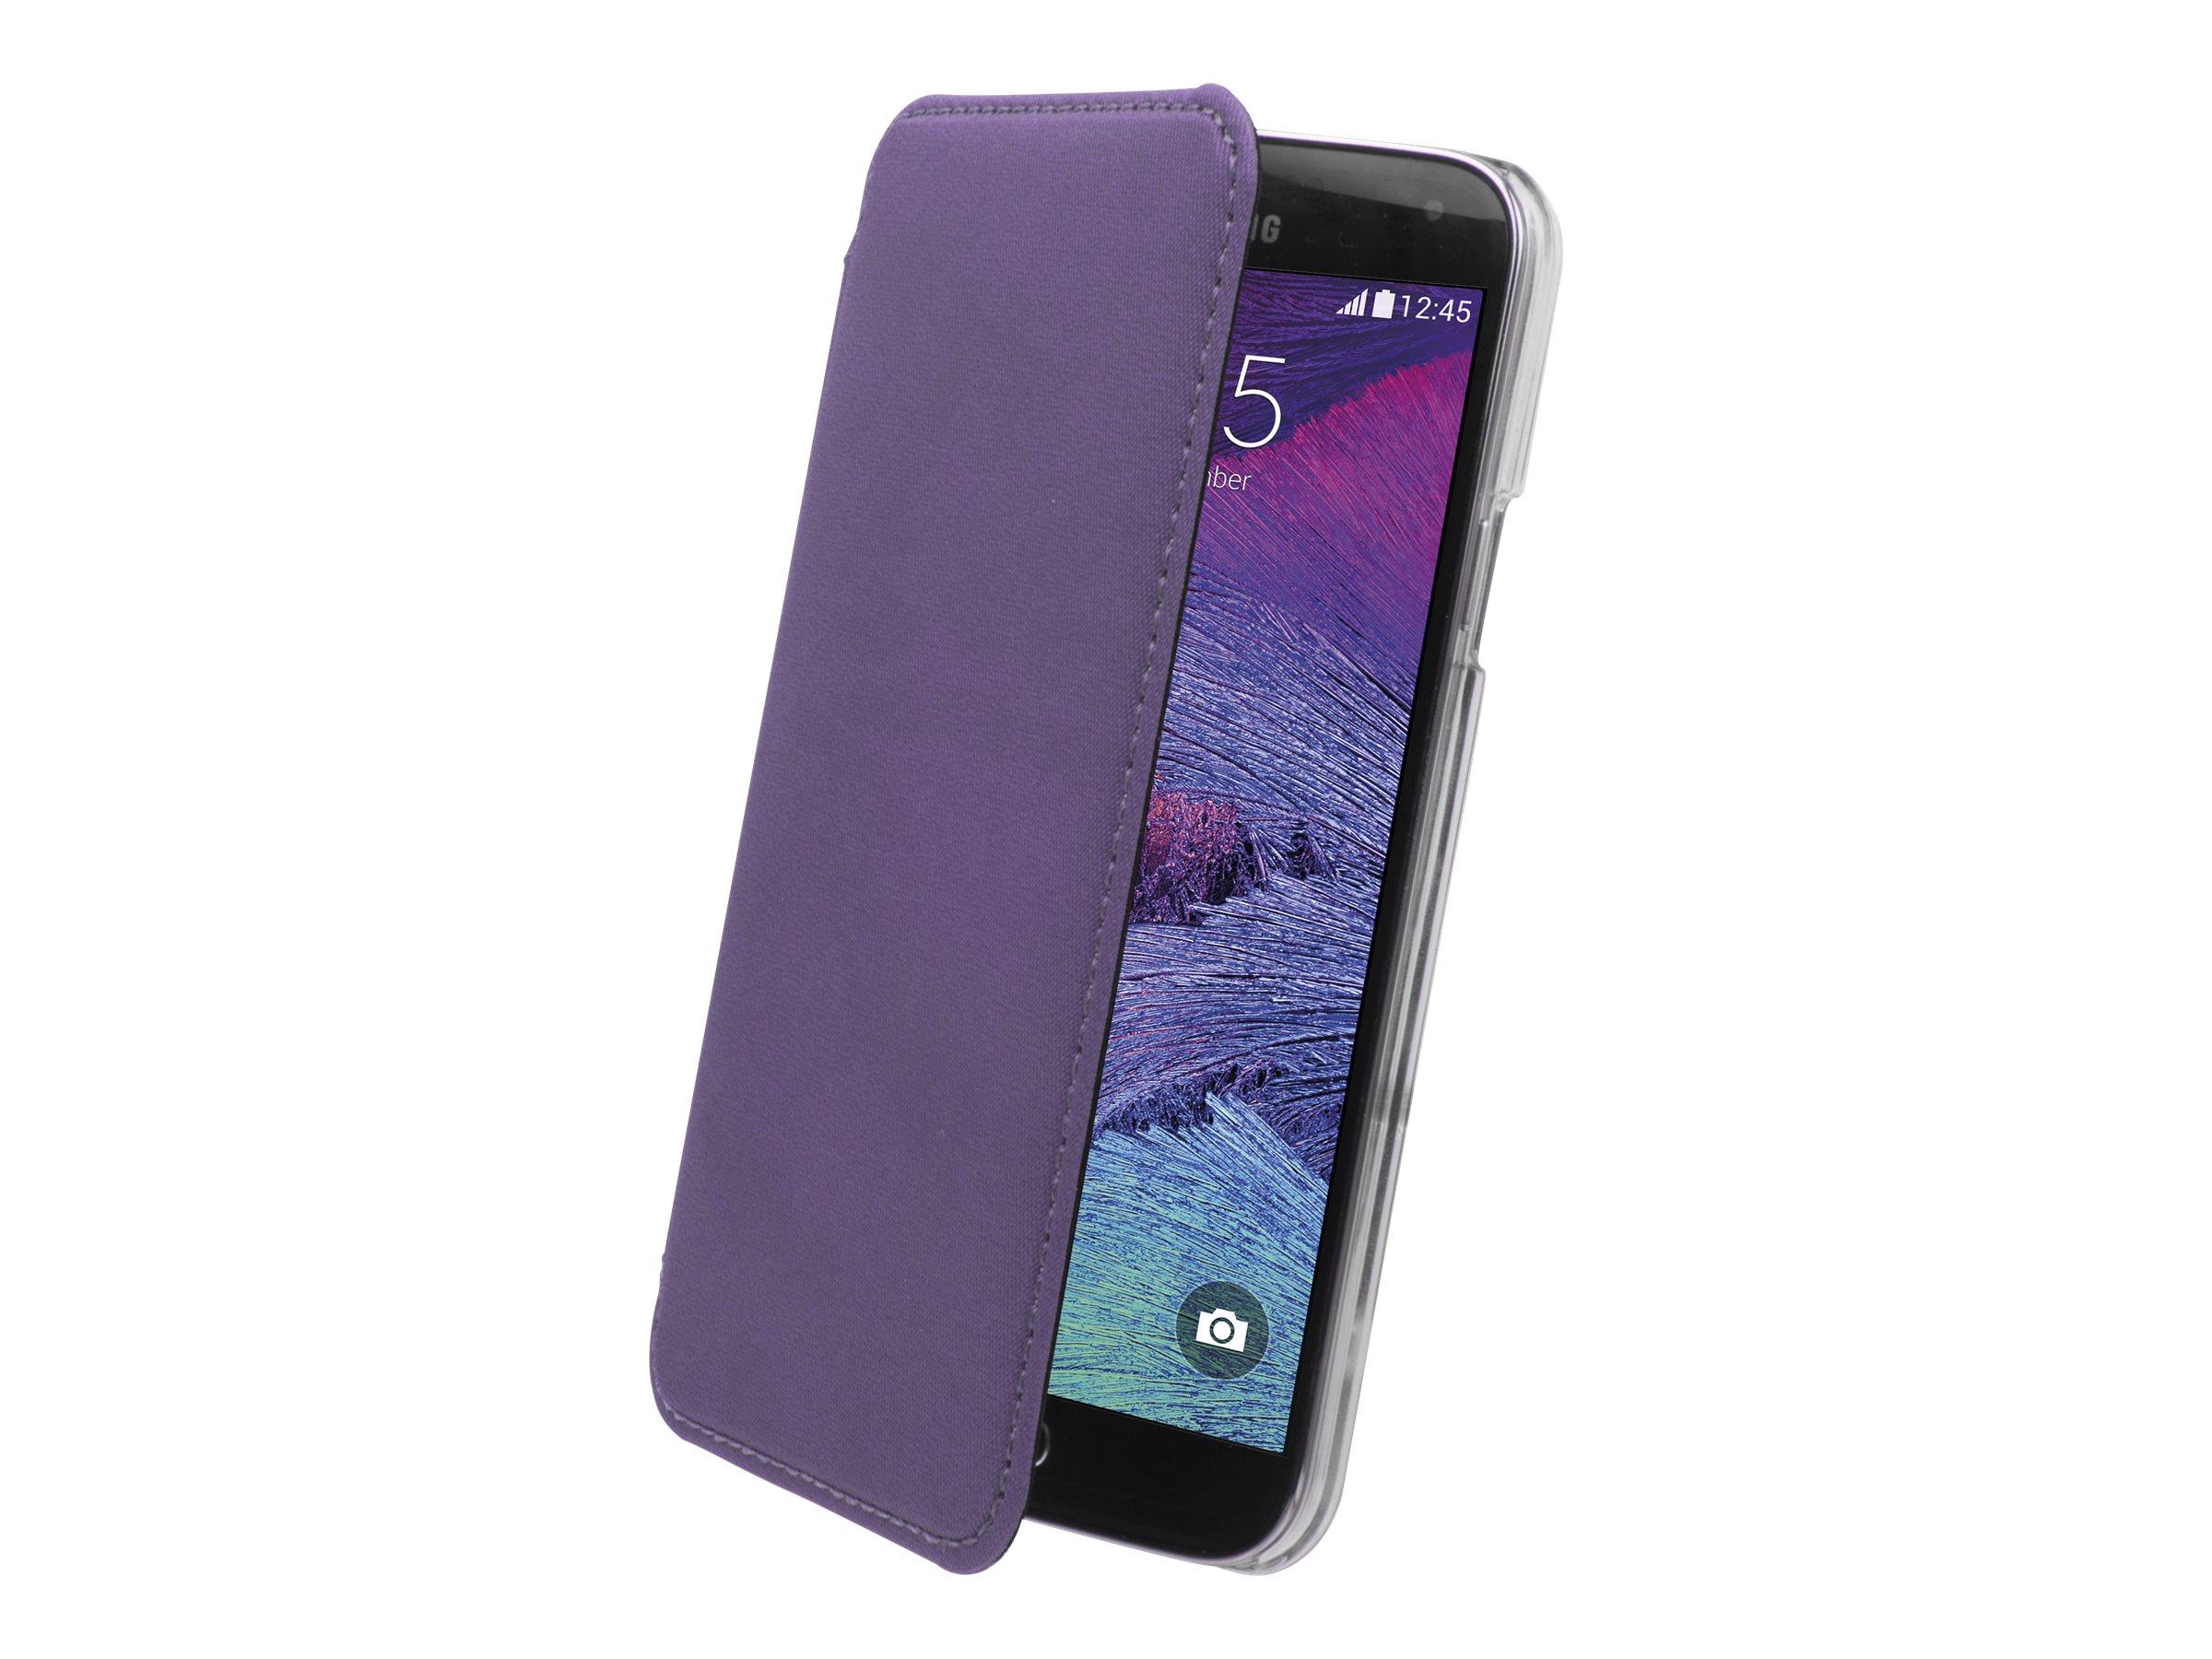 Muvit Made in Paris Crystal Folio - Protection à rabat pour Samsung GALAXY Note 4 - violet métallisé